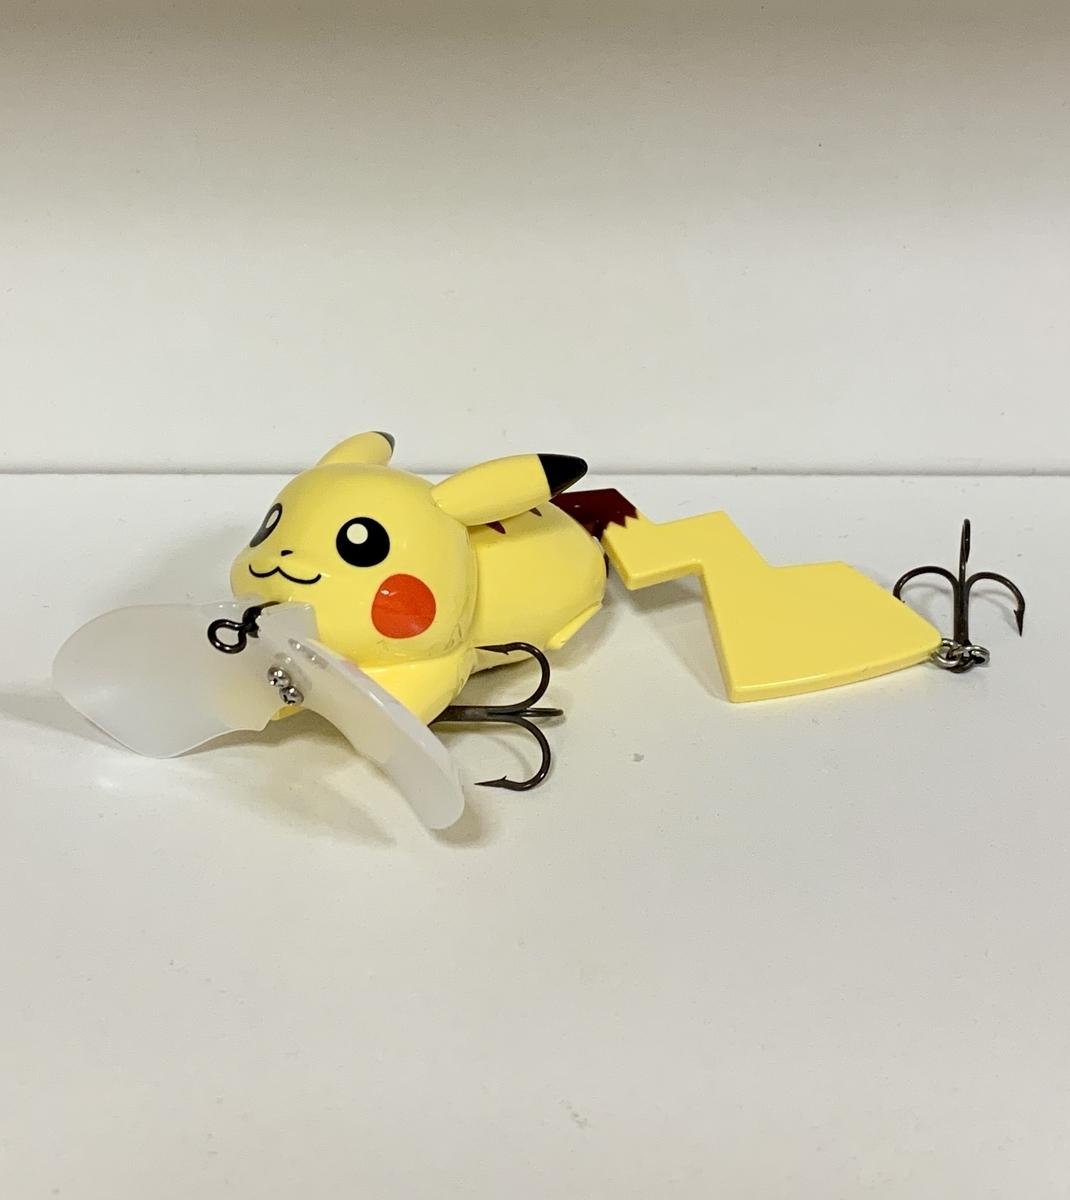 f:id:pikachu_pcn:20210505170432j:plain